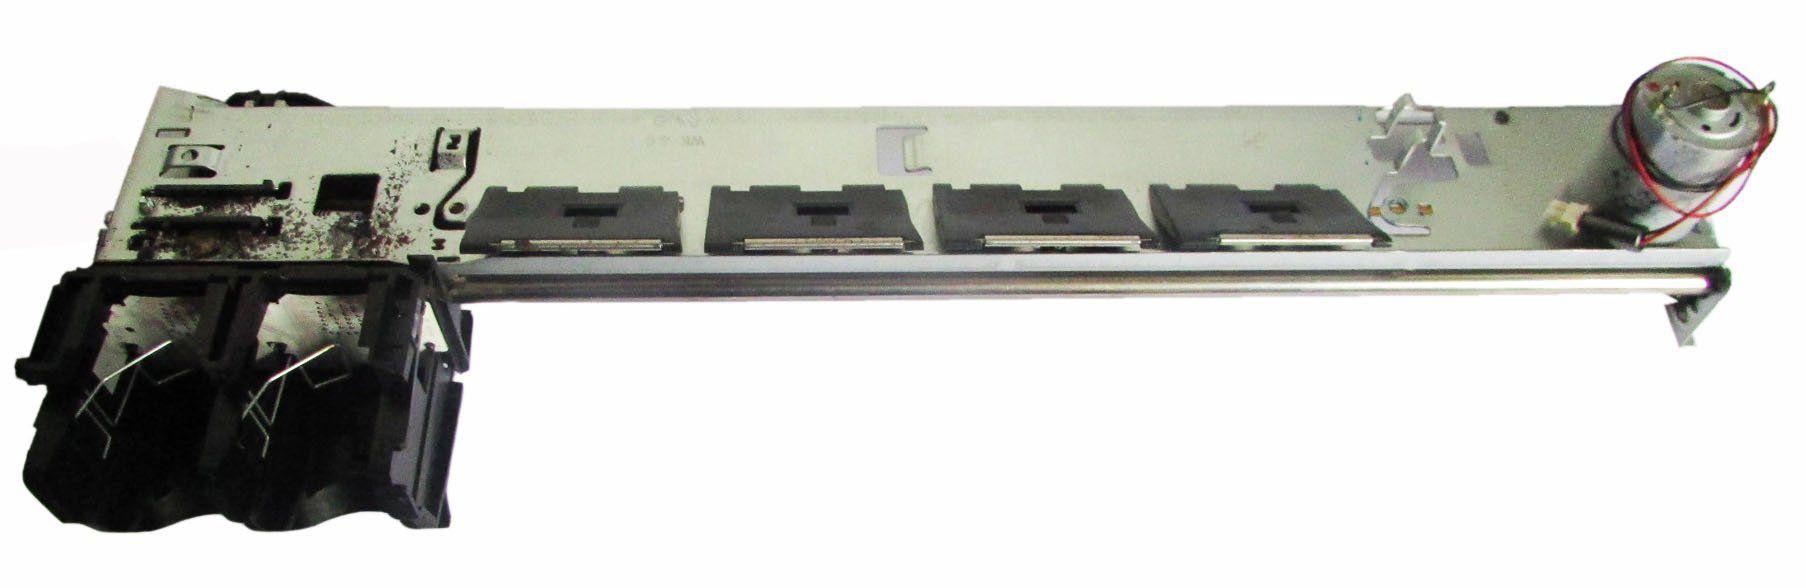 Carro De Impressão Completo HP Photosmart C4200 (semi novo)